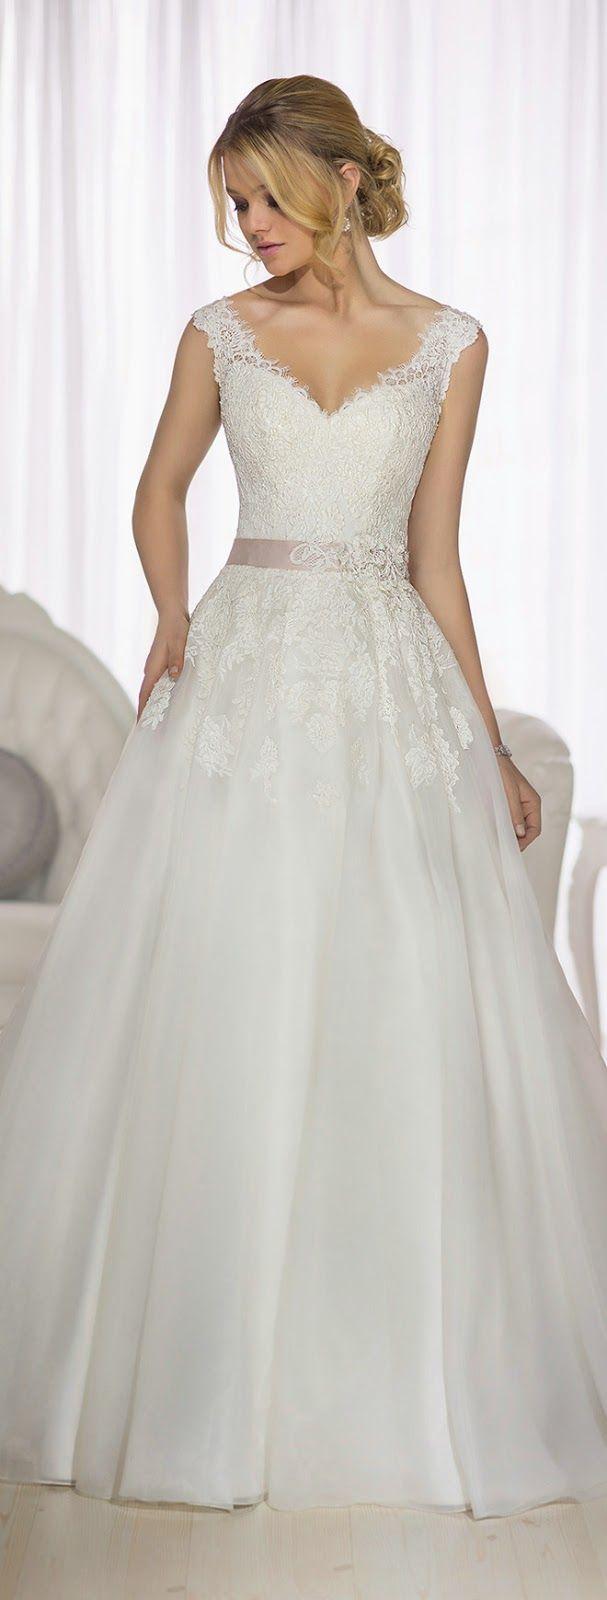 Vestido #sugestões #inspirações #grandedia #sonnhando #planejandodesdejá #dress #trashthedress